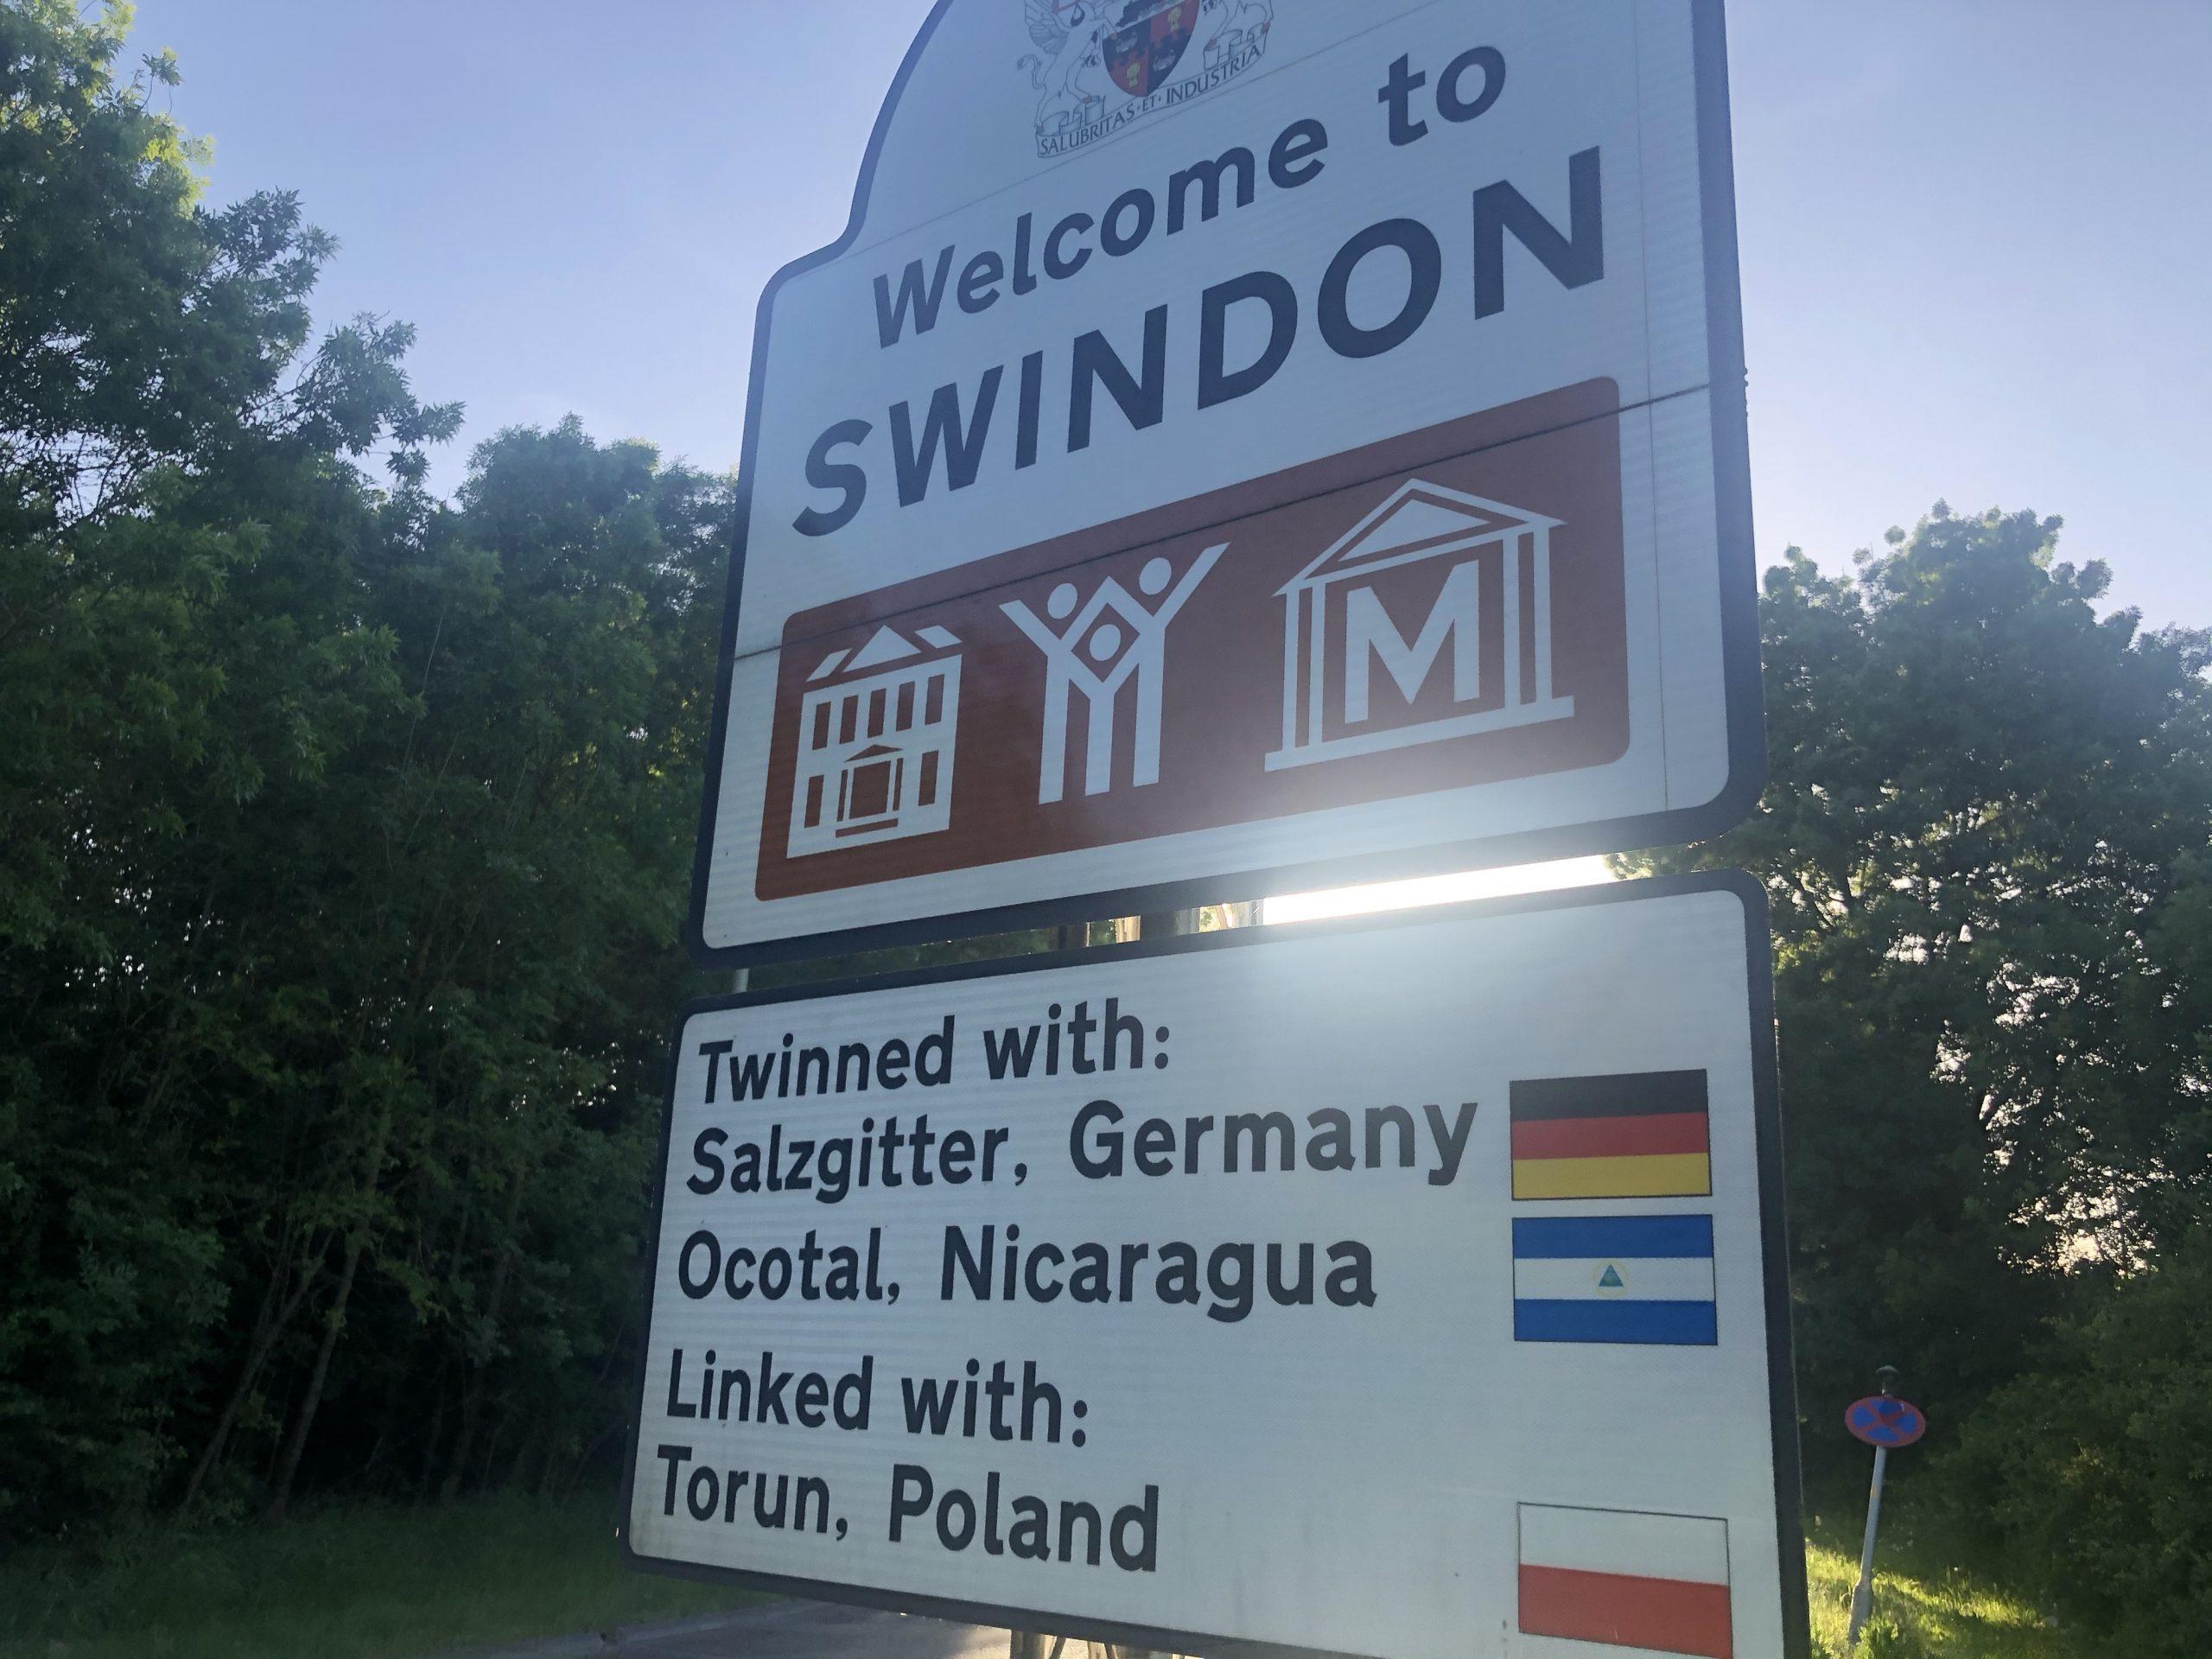 Rumours Swindon To Be Locked Down Untrue The Swindonian